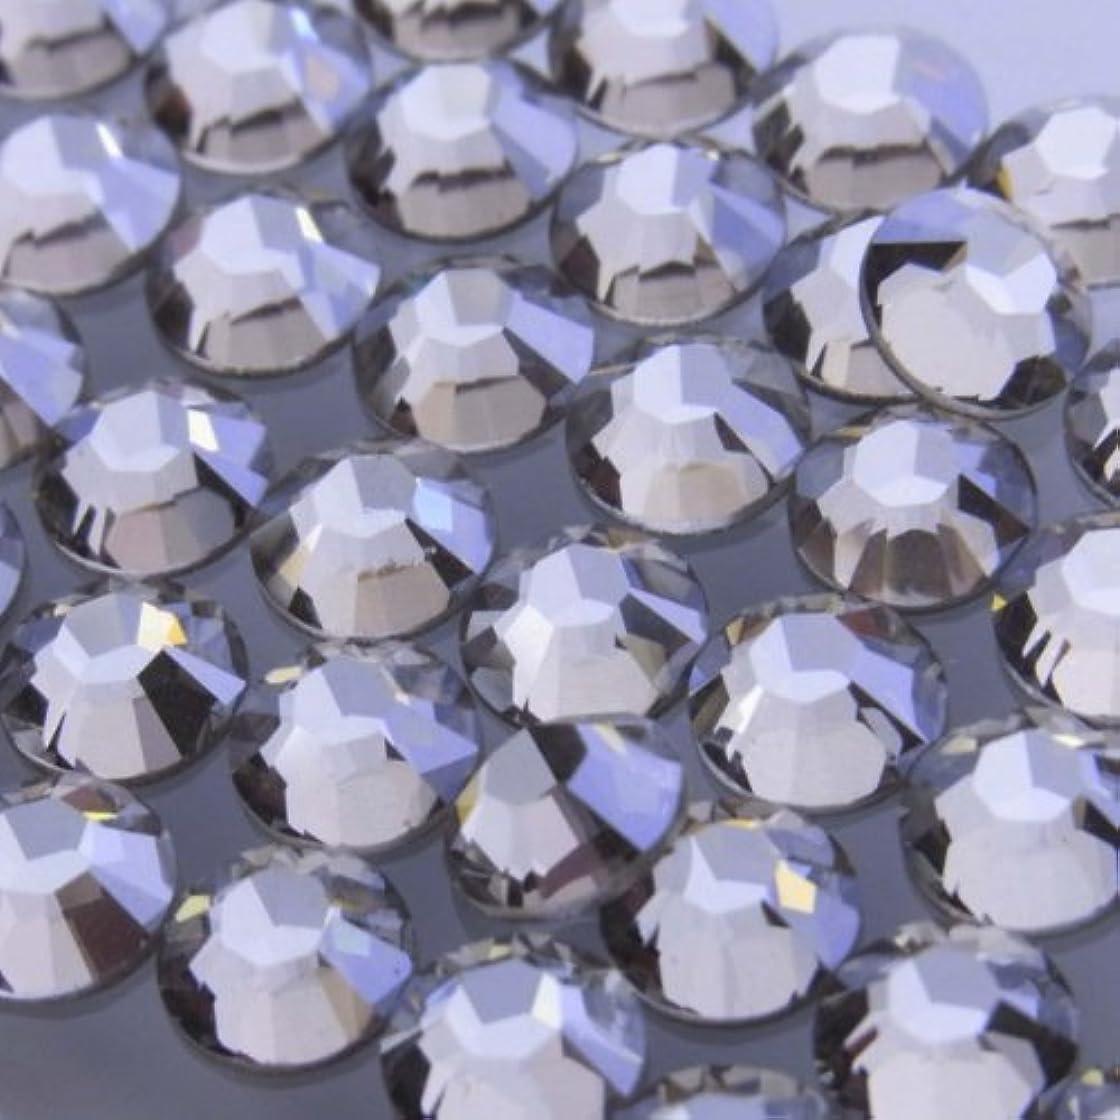 商標限られた実行可能Hotfixクリスタルシルバーシェイドss12(100粒入り)スワロフスキーラインストーンホットフィックス